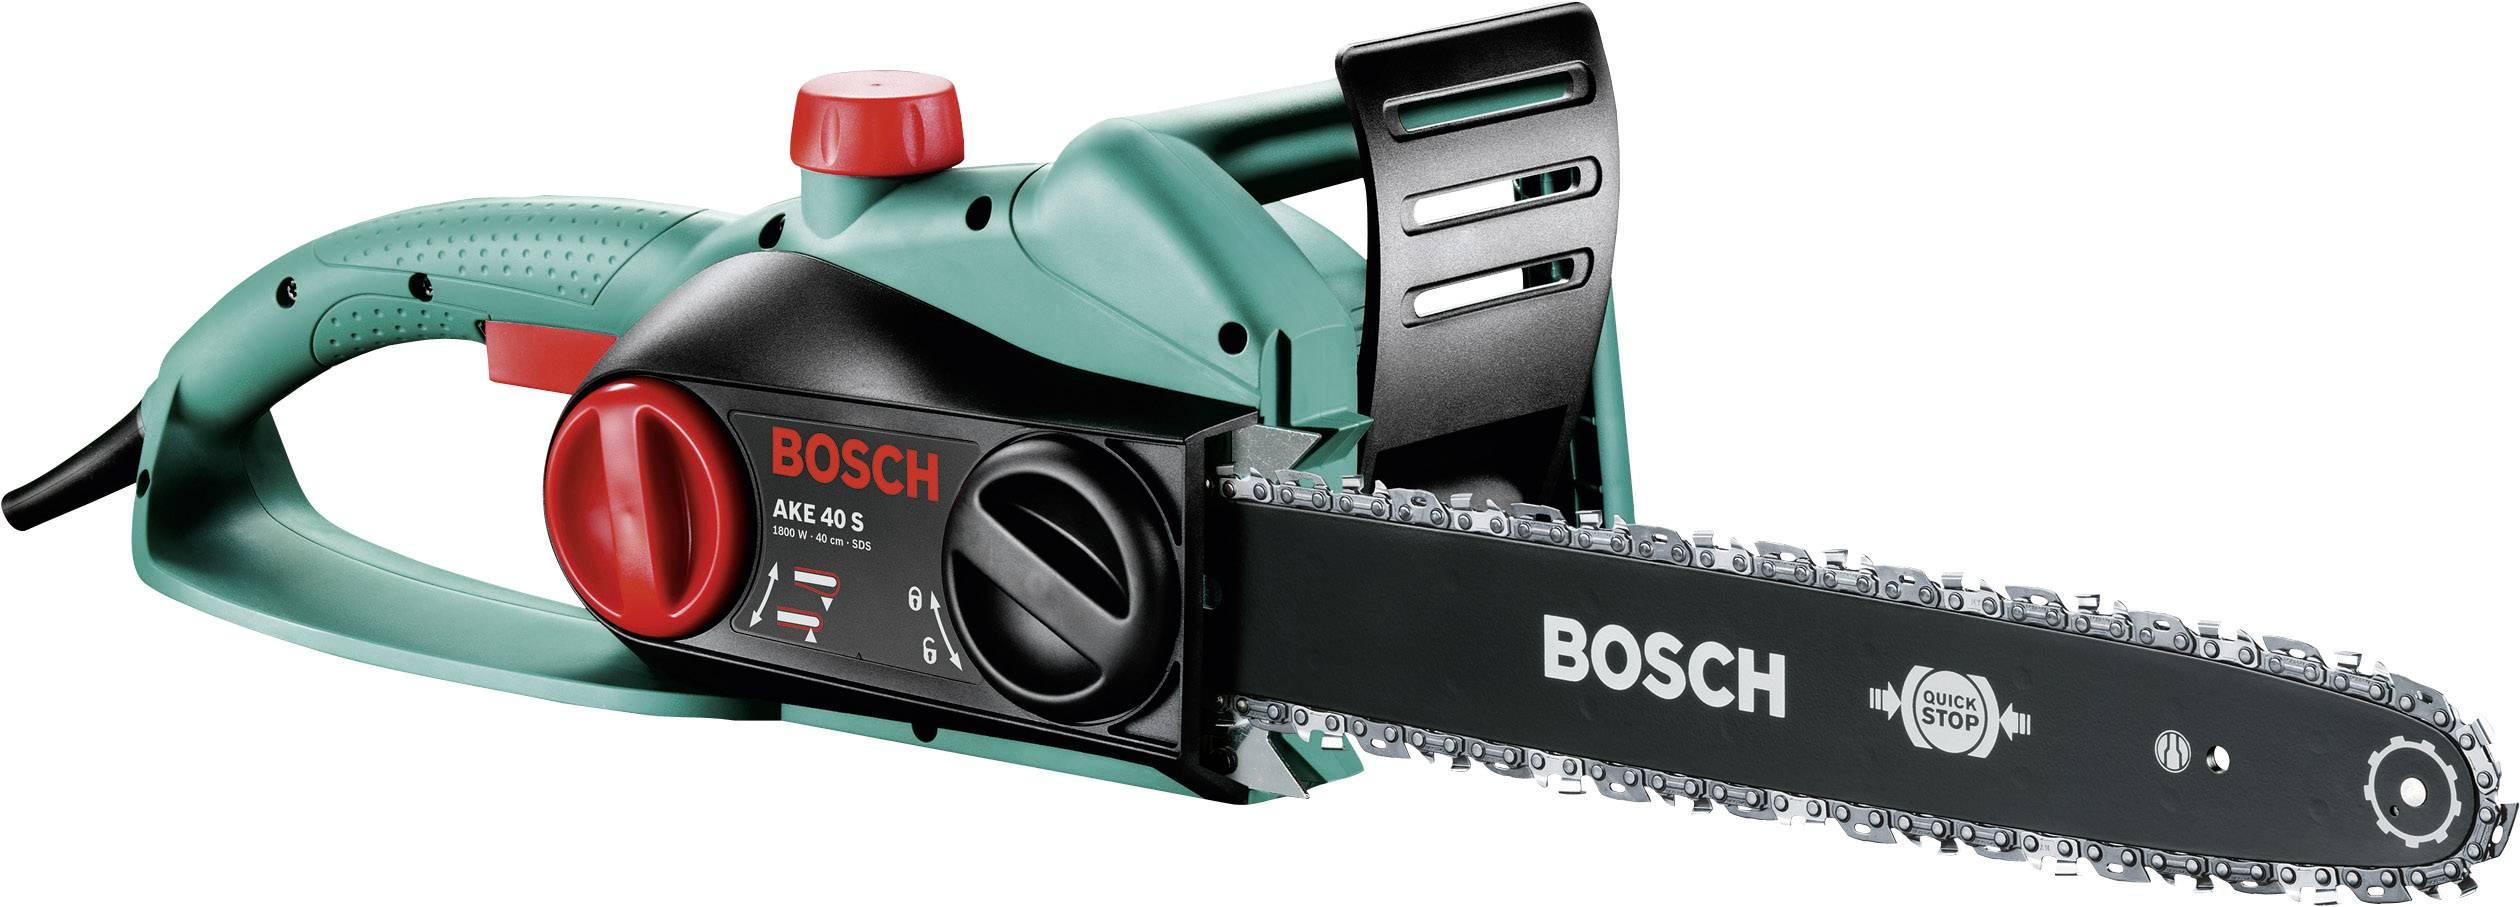 Elektrická řetězová pila Bosch Home and Garden AKE 40 S, délka čepele 400 mm